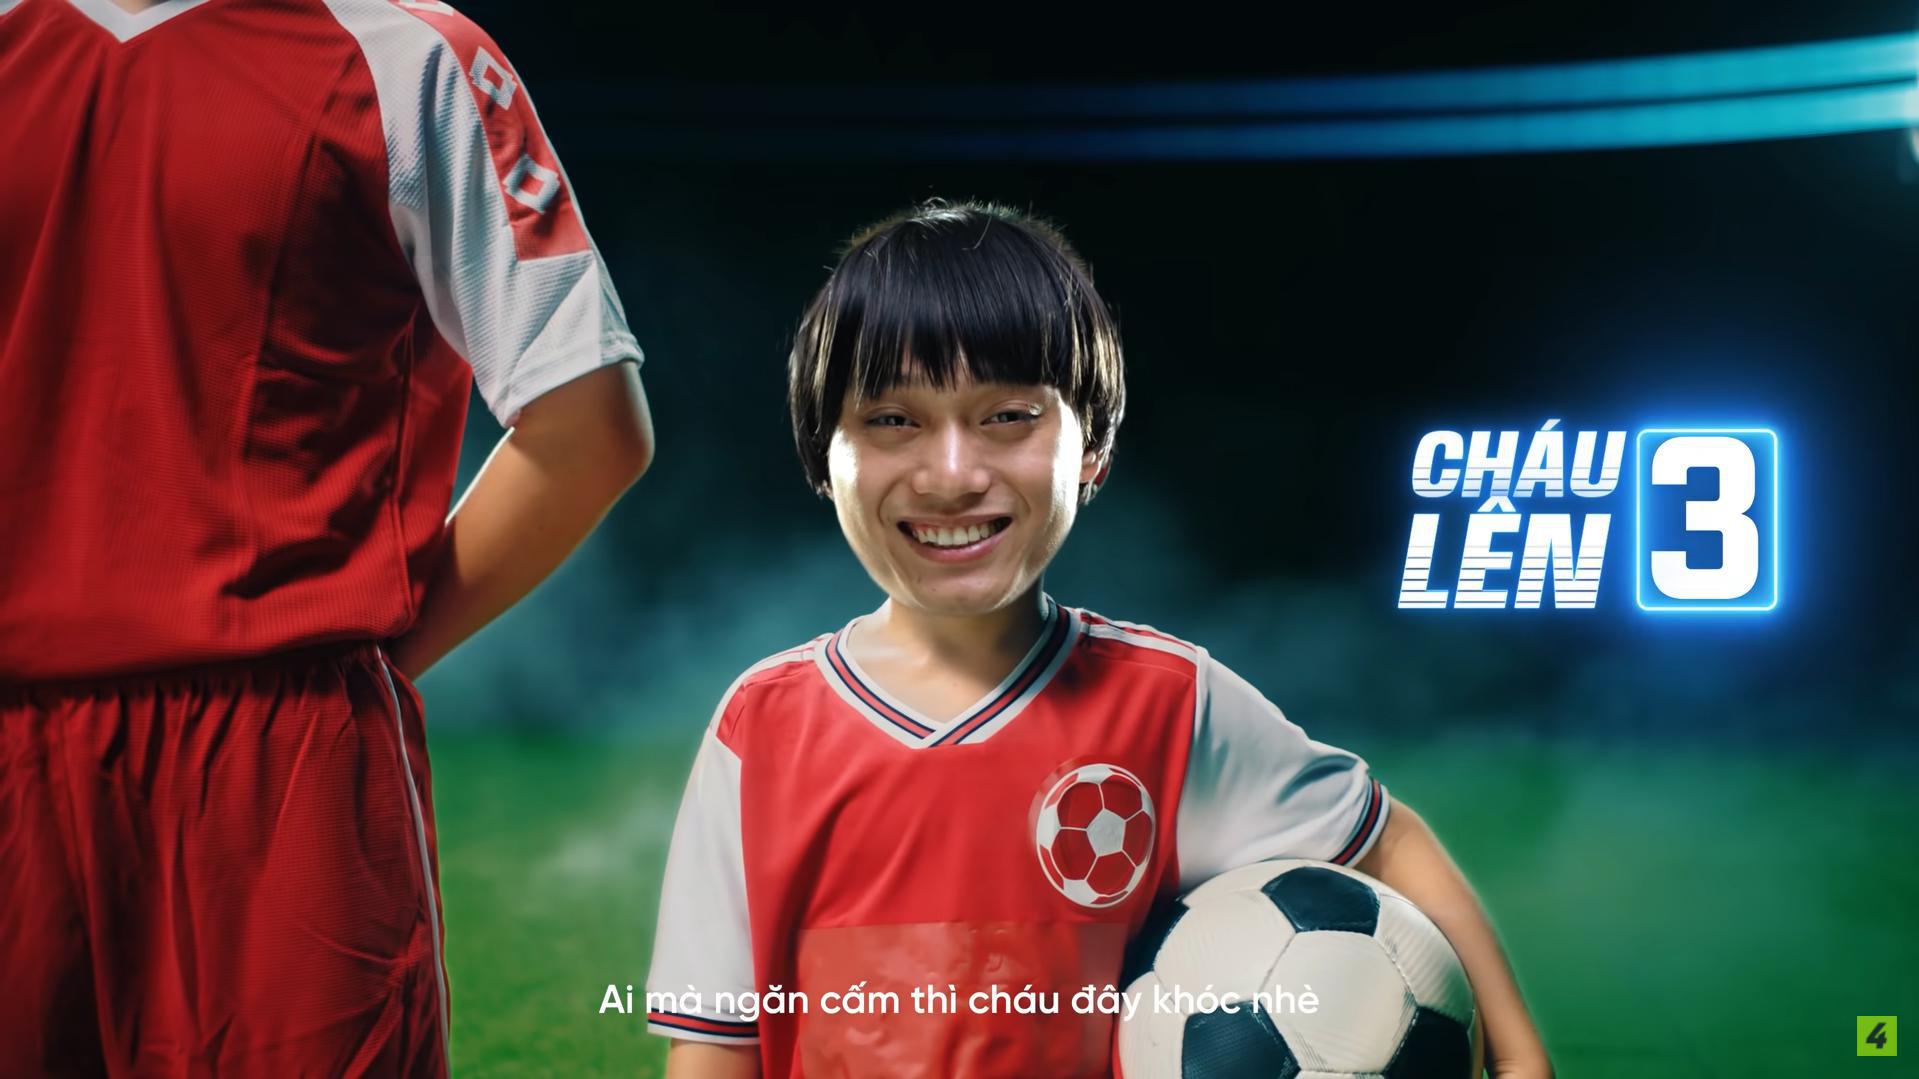 """""""Thánh chế"""" Nhật Anh Trắng mách bạn cách trả lời thật thuyết phục khi bị hỏi Sao lại mê bóng đá?"""" - Ảnh 3."""